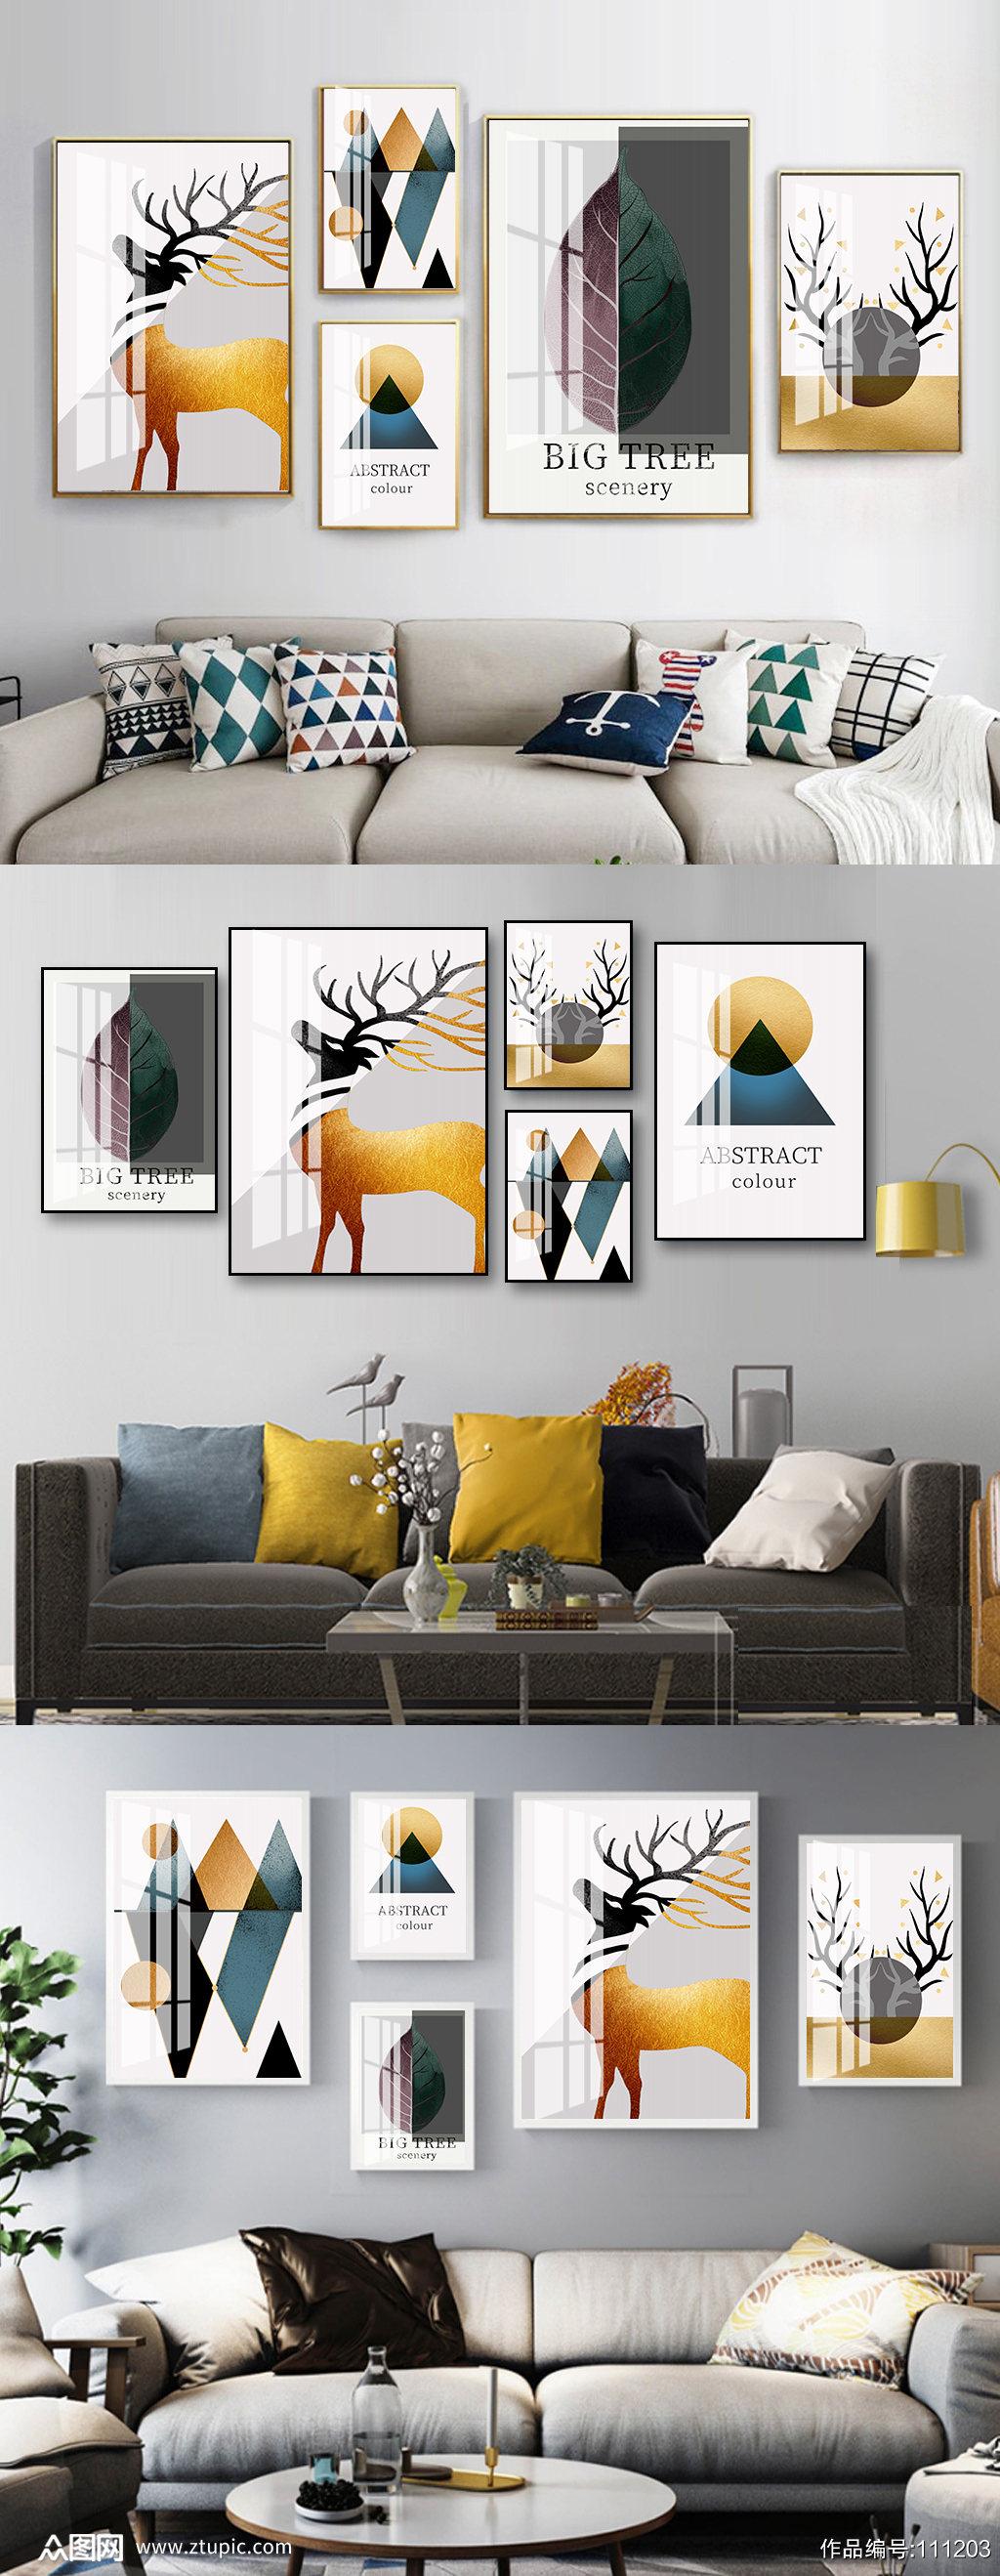 北欧森林风景麋鹿装饰画素材